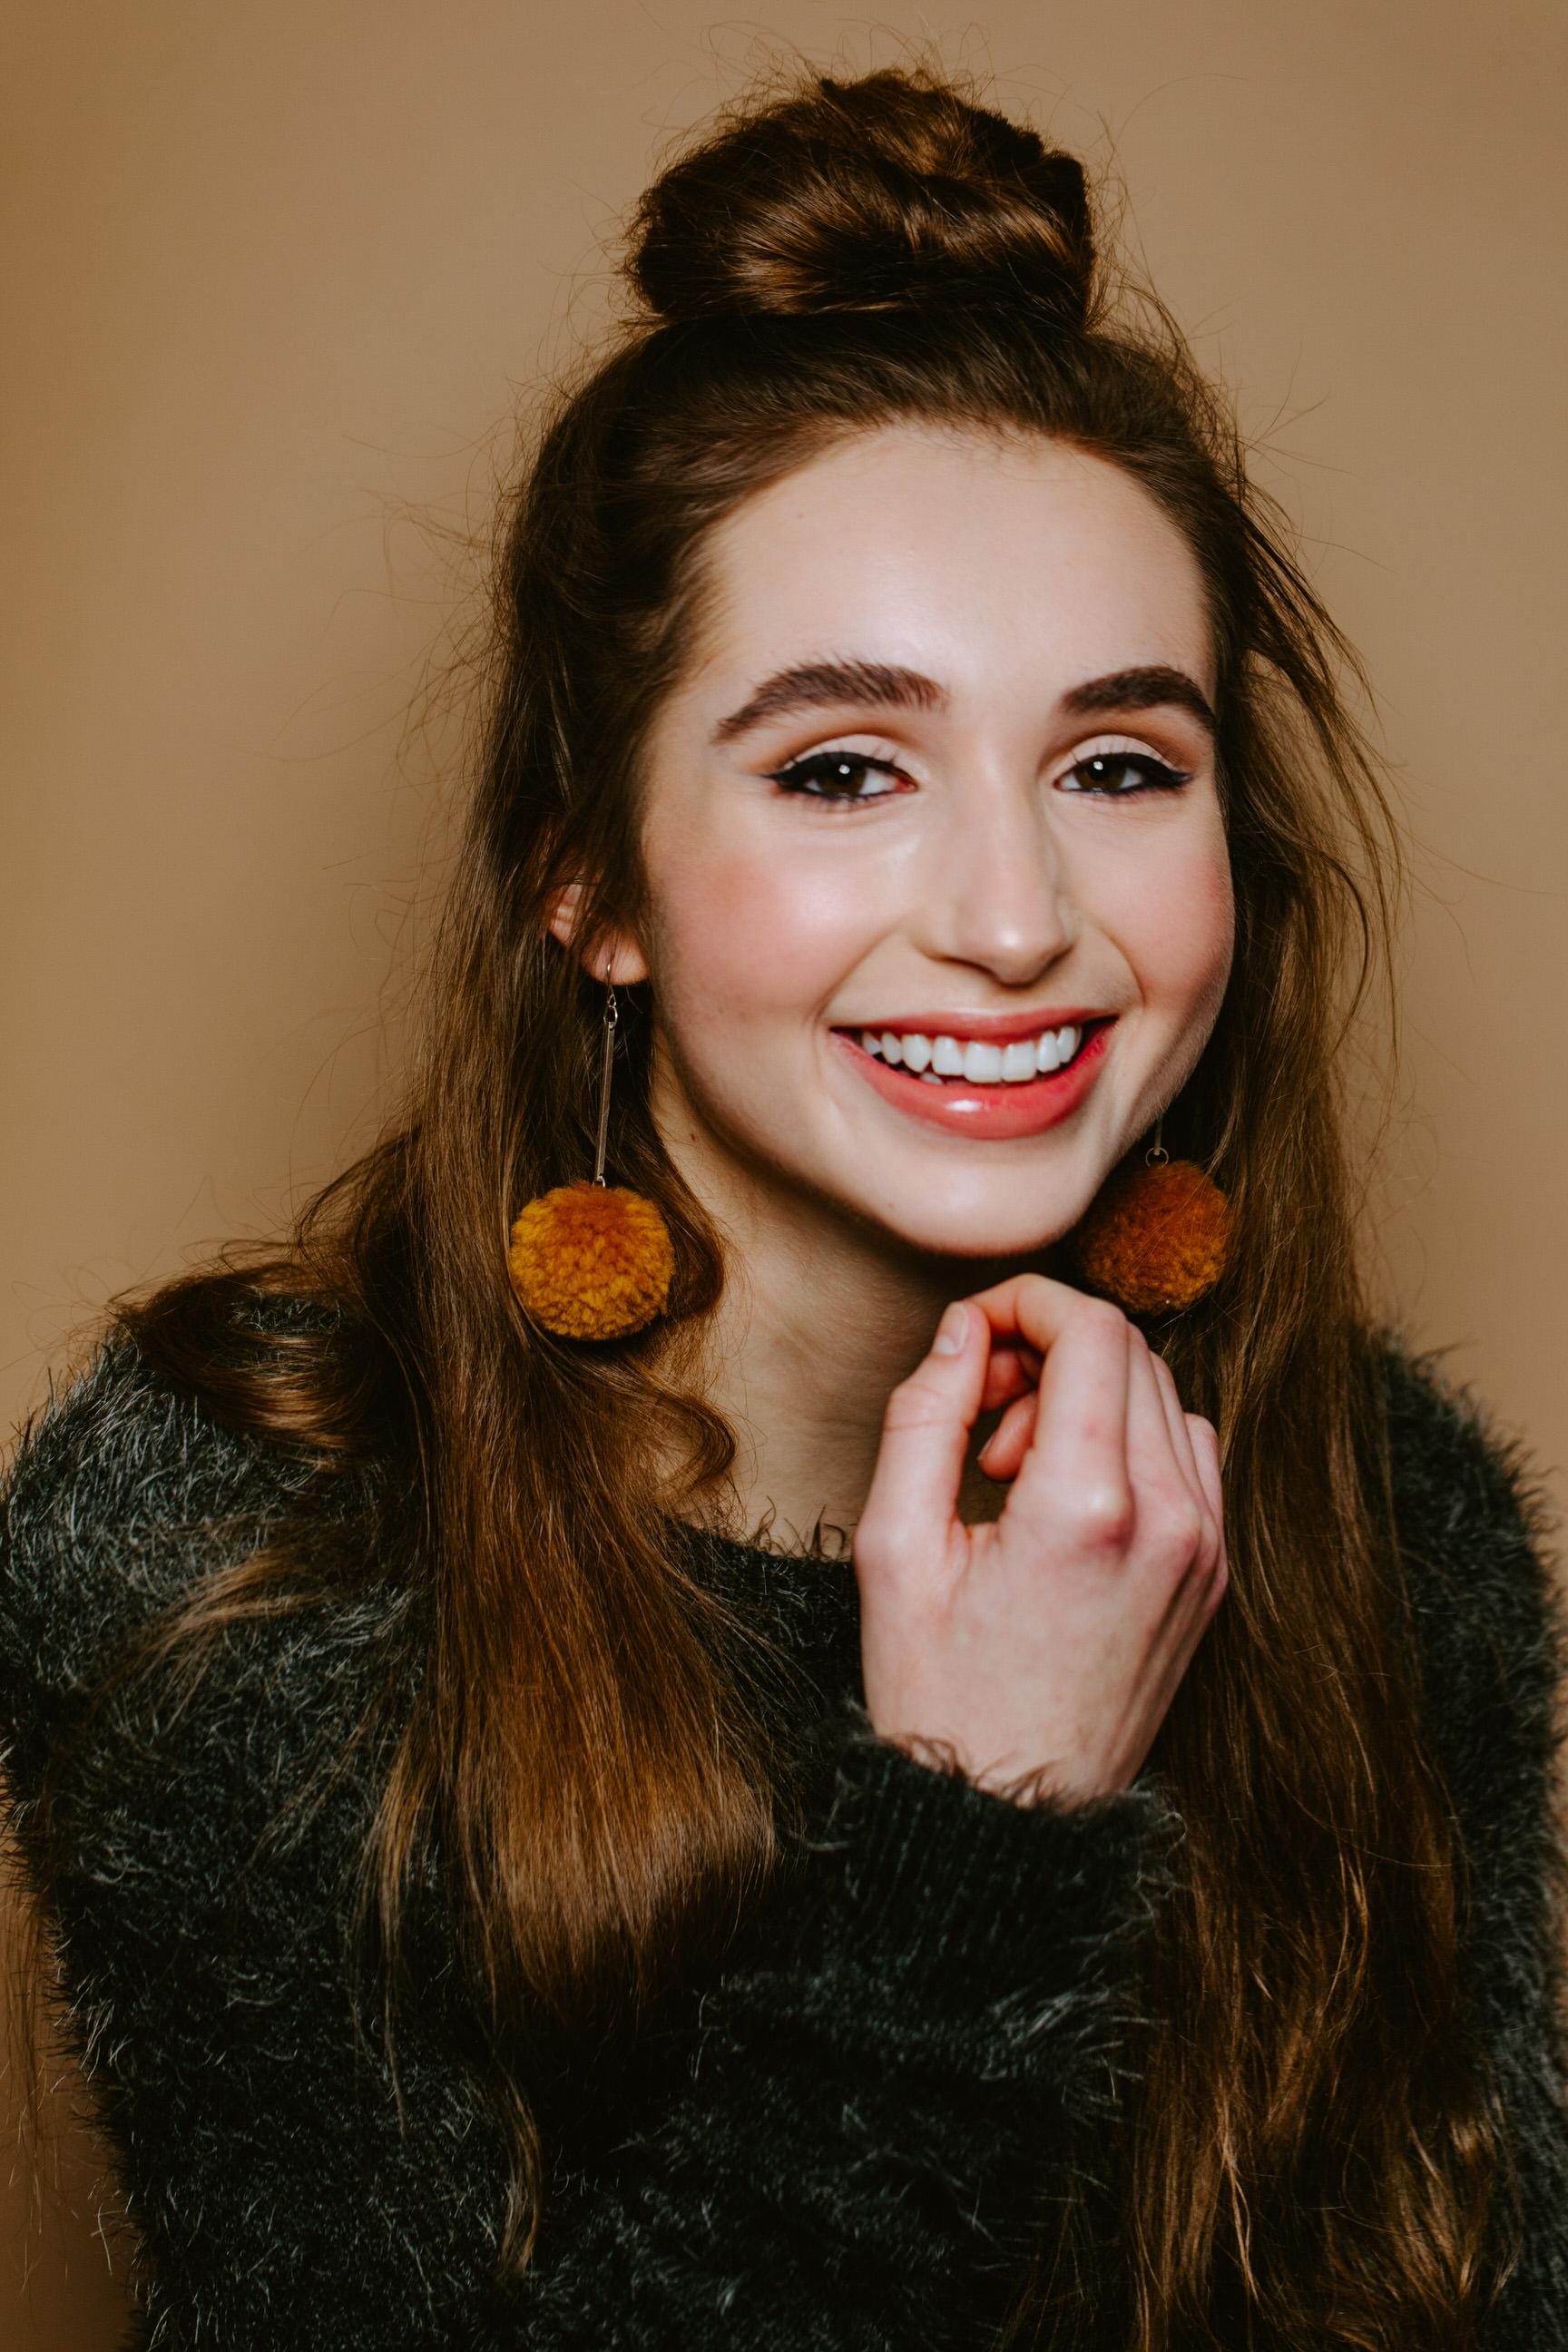 rebekah-earrings-8786.jpg